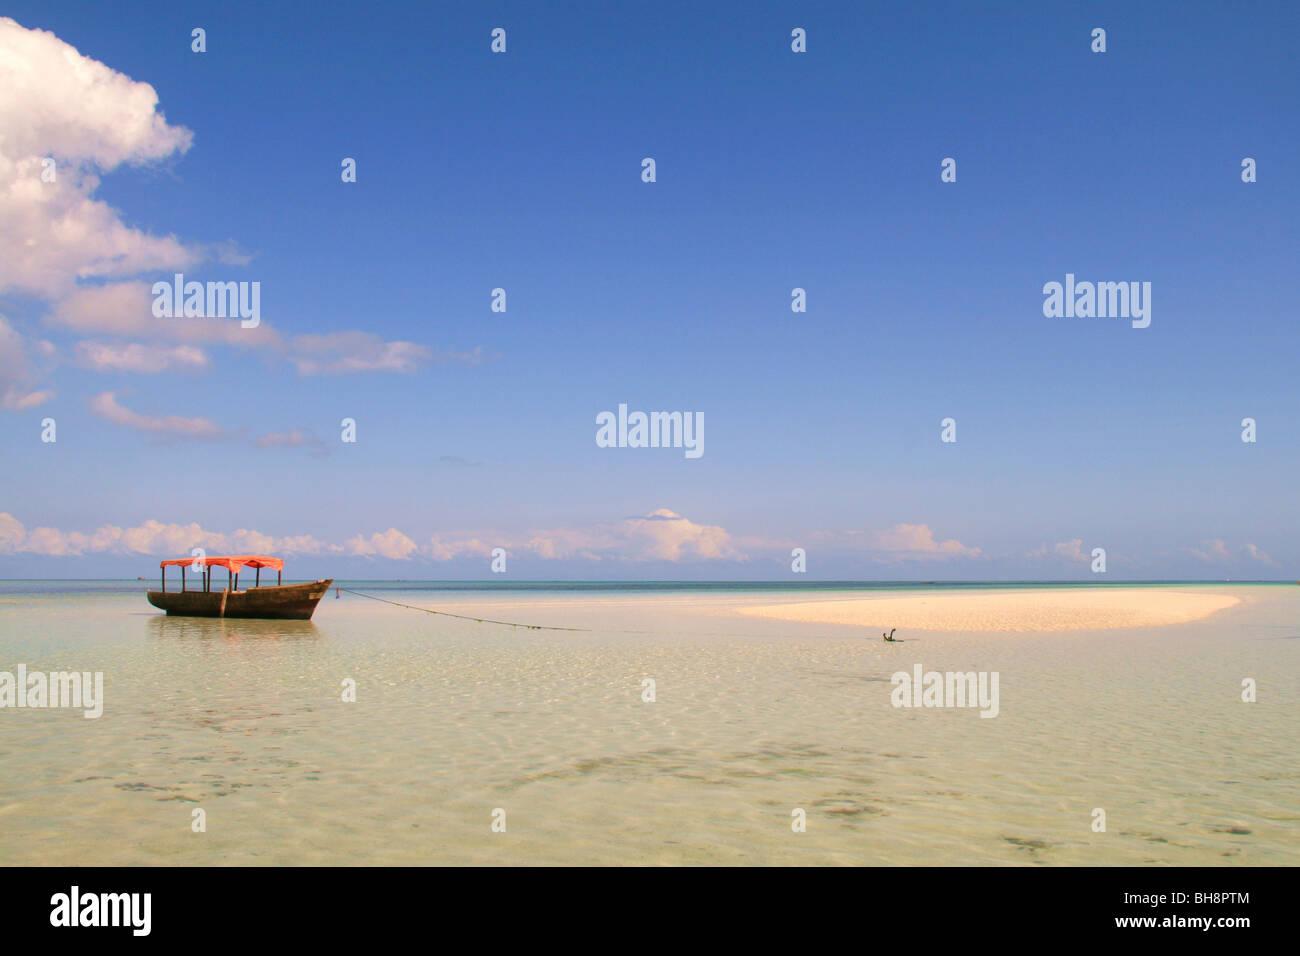 Isole nel mare, sabbia sputa a bassa marea in turquise, acque cristalline di zanzibar Immagini Stock